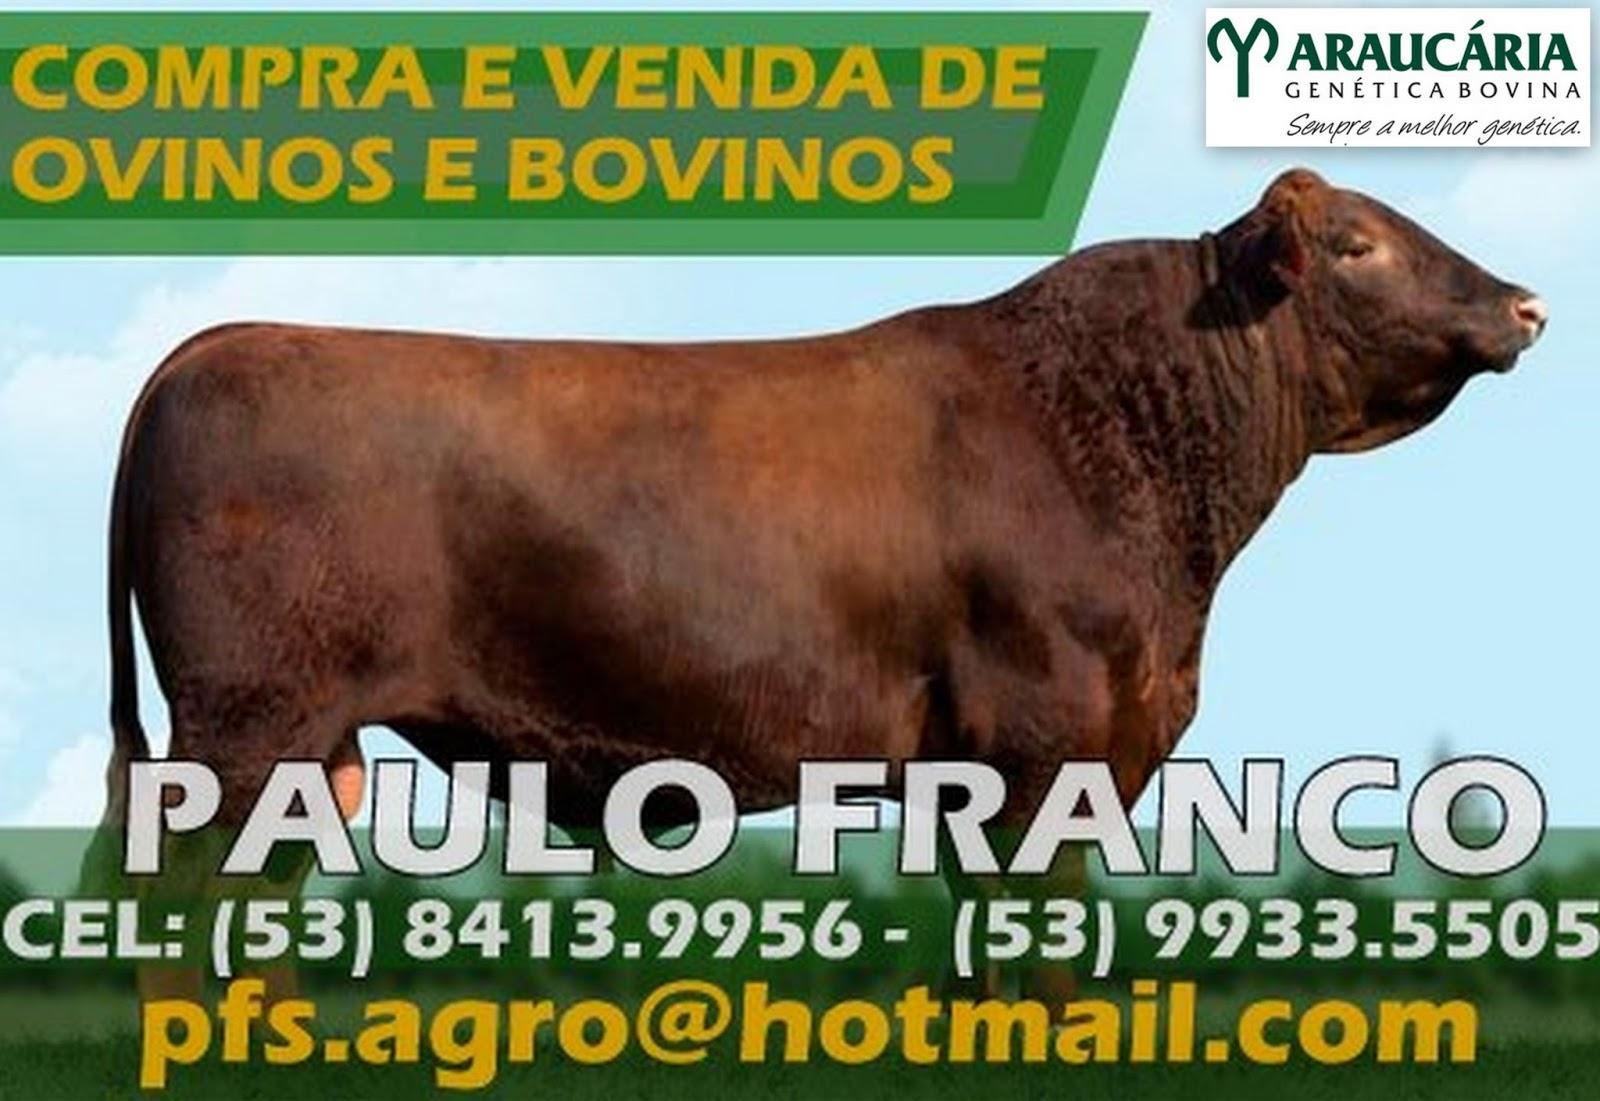 http://eigatimaula.blogspot.com.br/2014/10/publi-cidade-compra-e-venda-de-ovinos-e.html